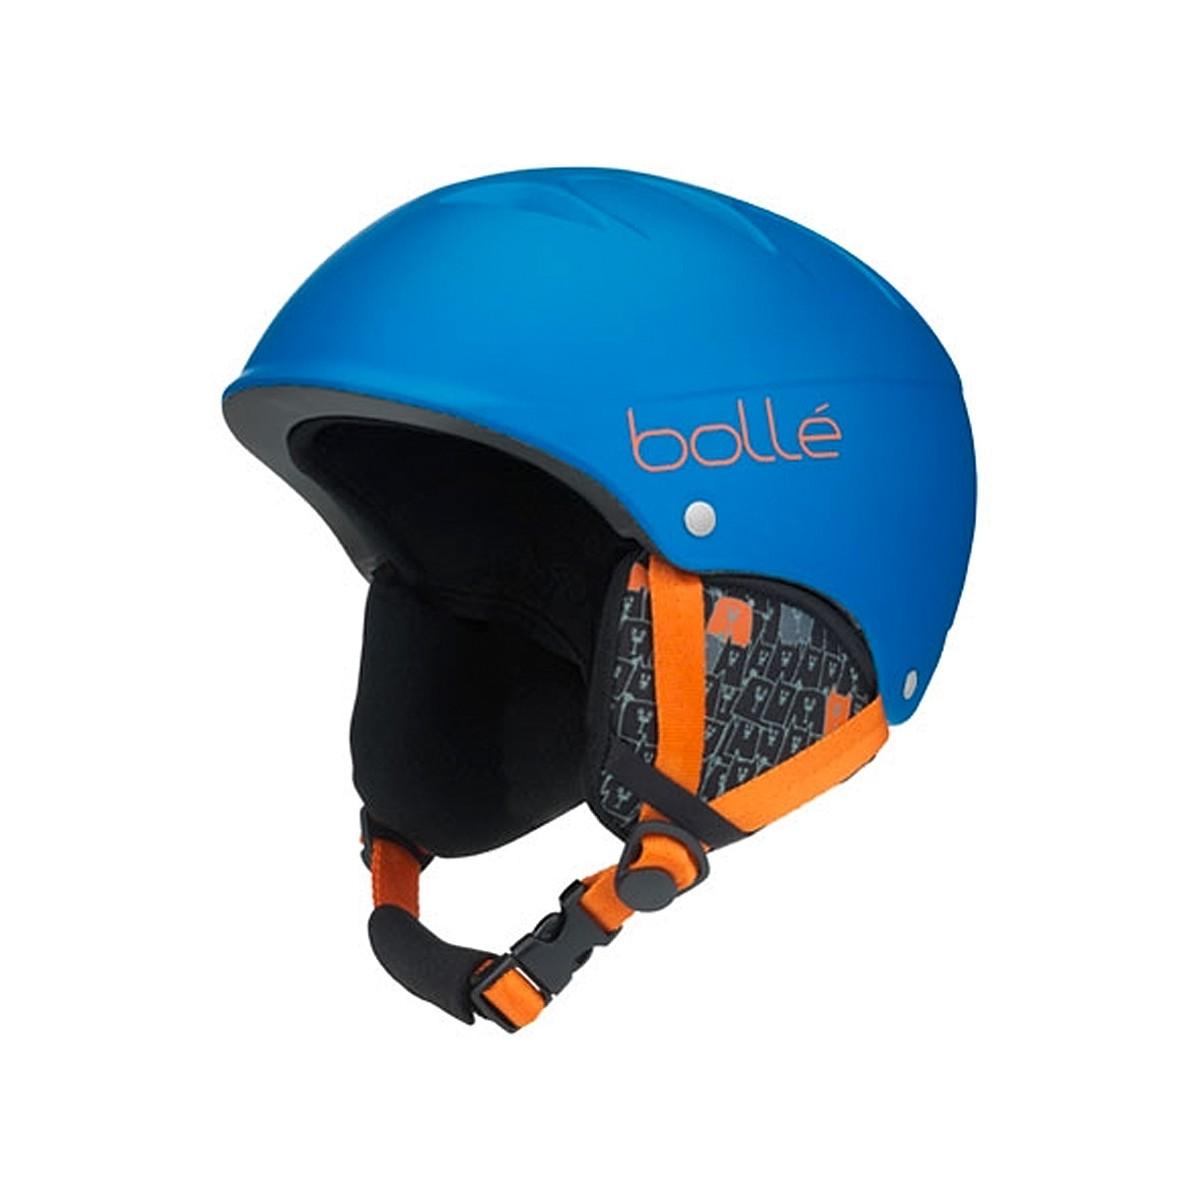 Casco sci Bolle B-Free (Colore: blu-arancio, Taglia: 49/53)